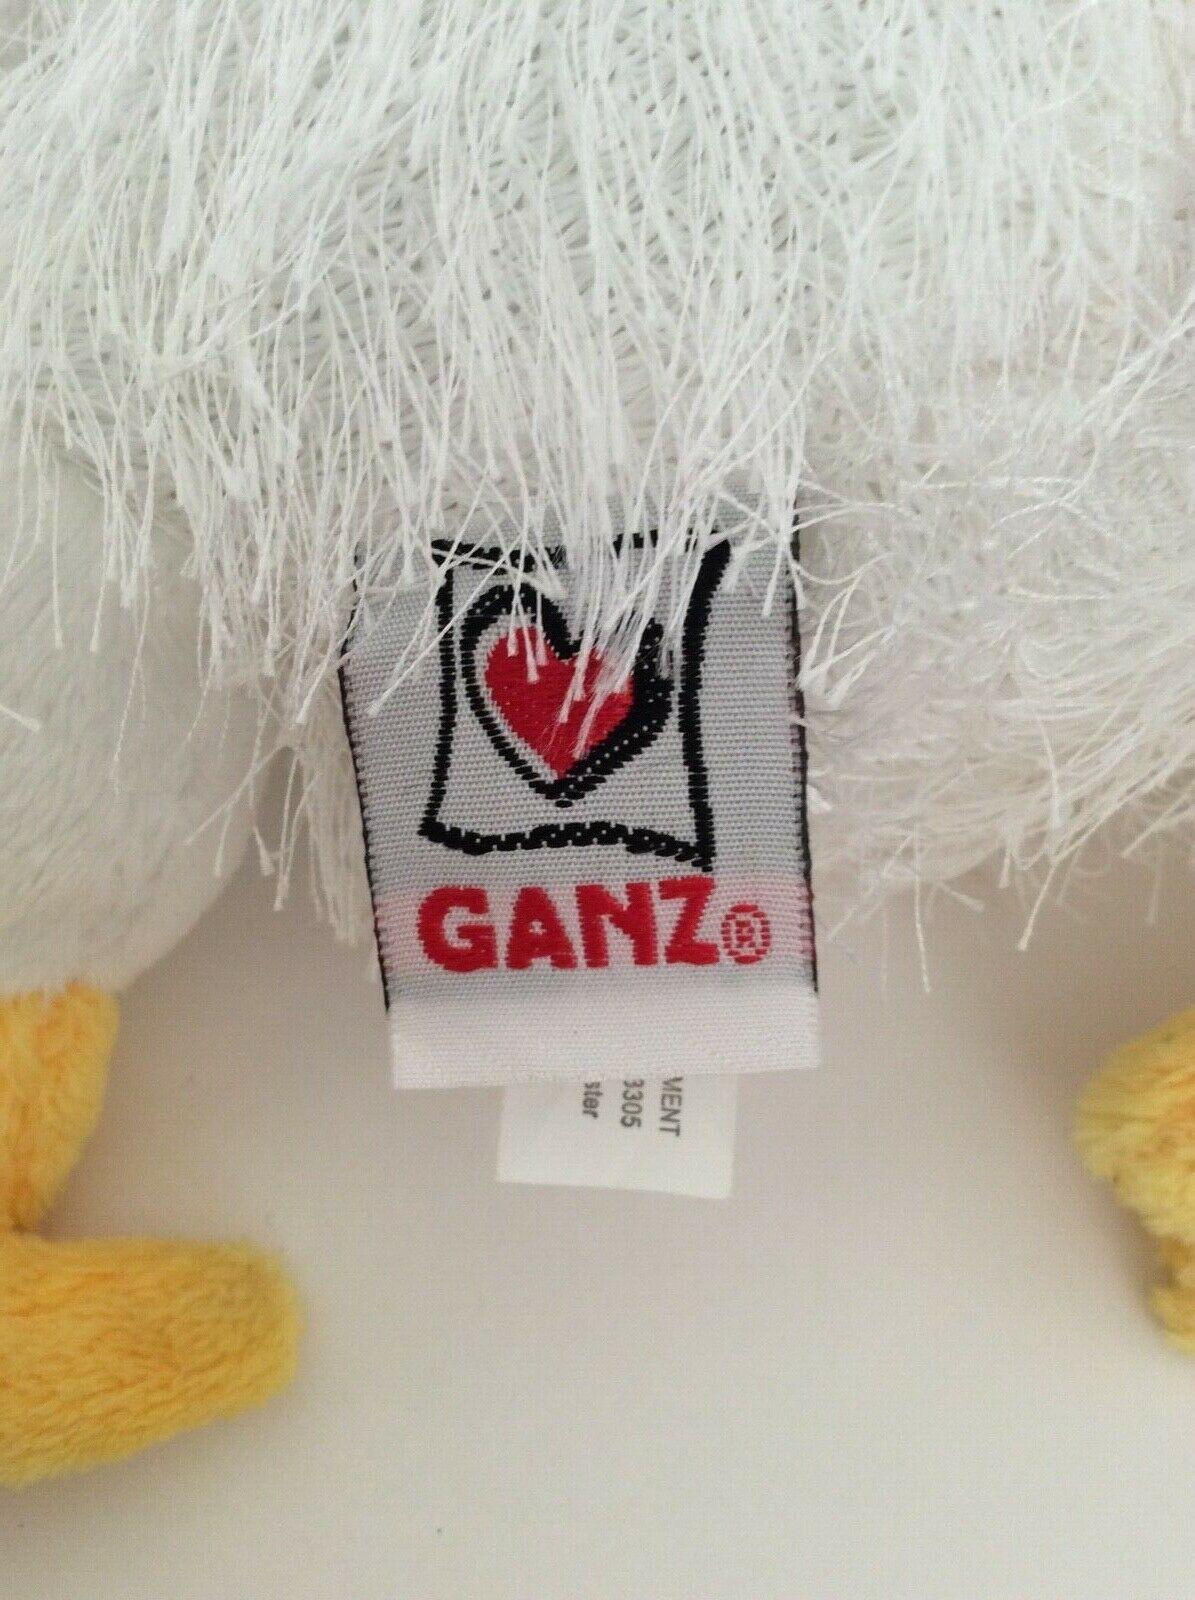 """Ganz WEBKINZ white yellow red CHICKEN 10"""" NEW UNUSED CODE plush stuffed animal"""